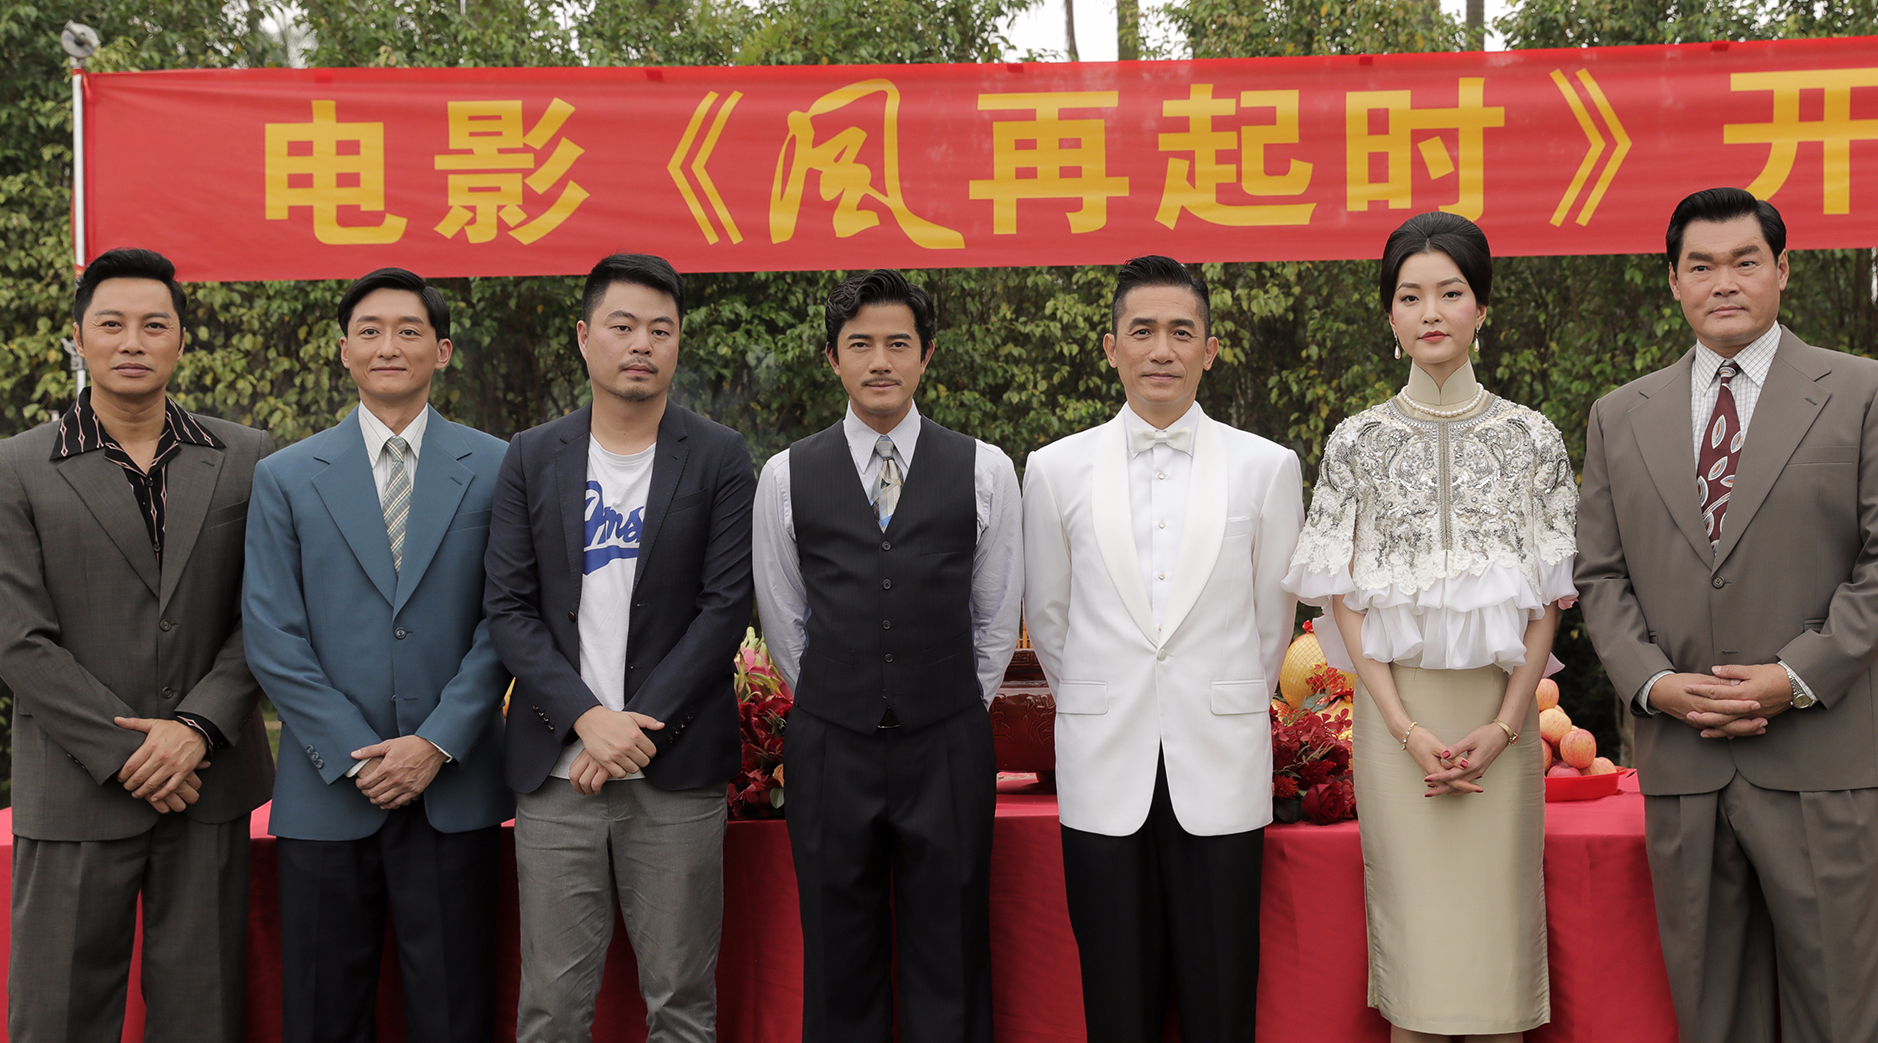 电影《风再起时》正式开镜郭富城梁朝伟影帝首度跨越时代再现磅礡传奇